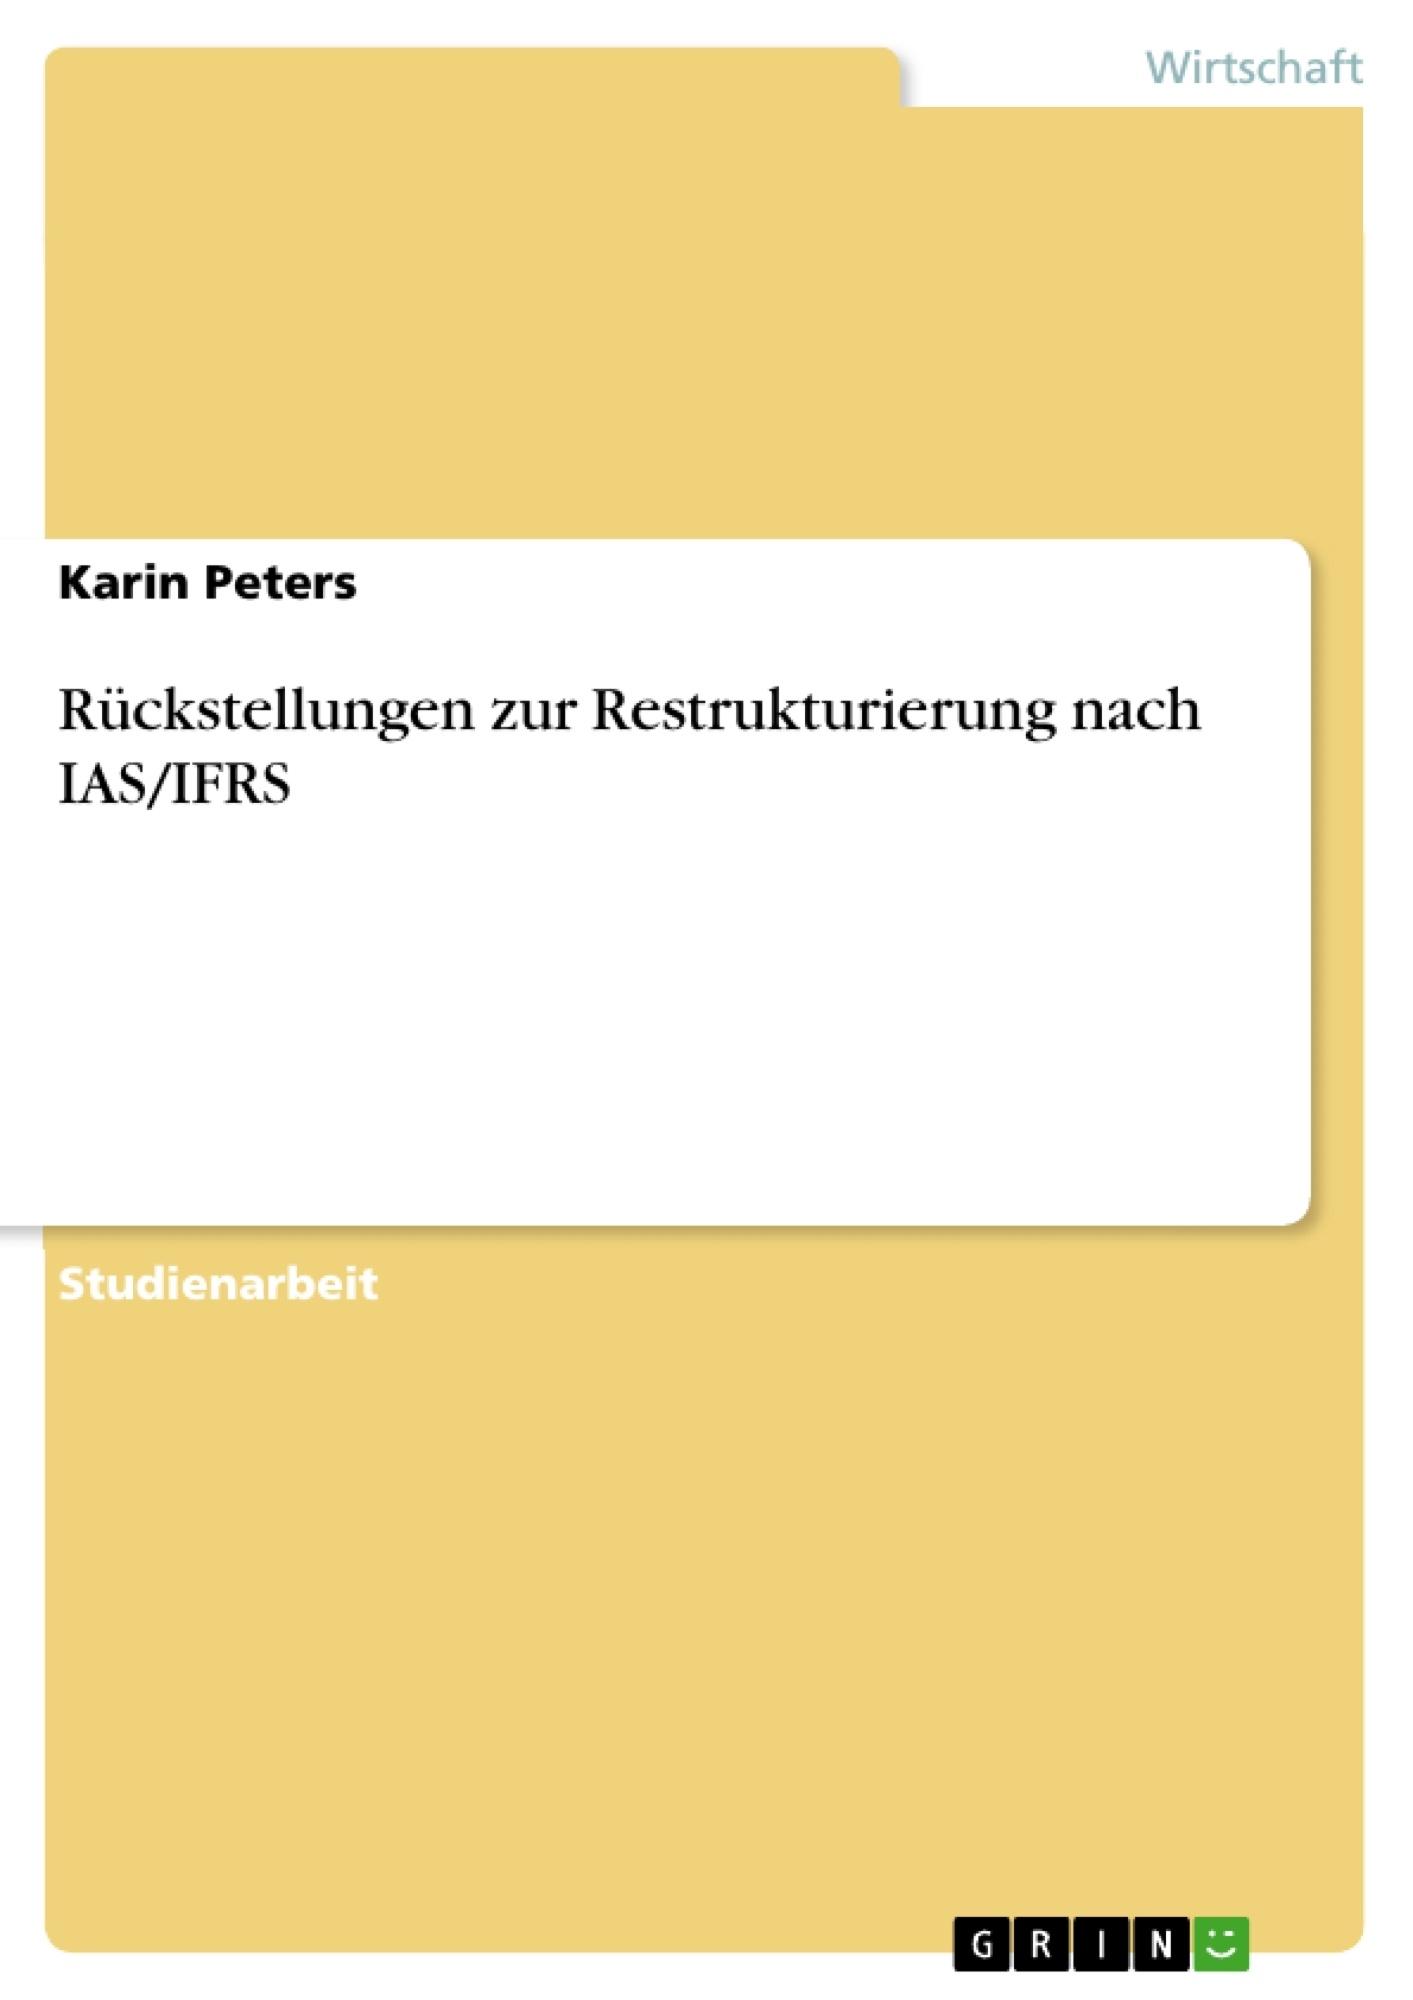 Titel: Rückstellungen zur Restrukturierung nach IAS/IFRS